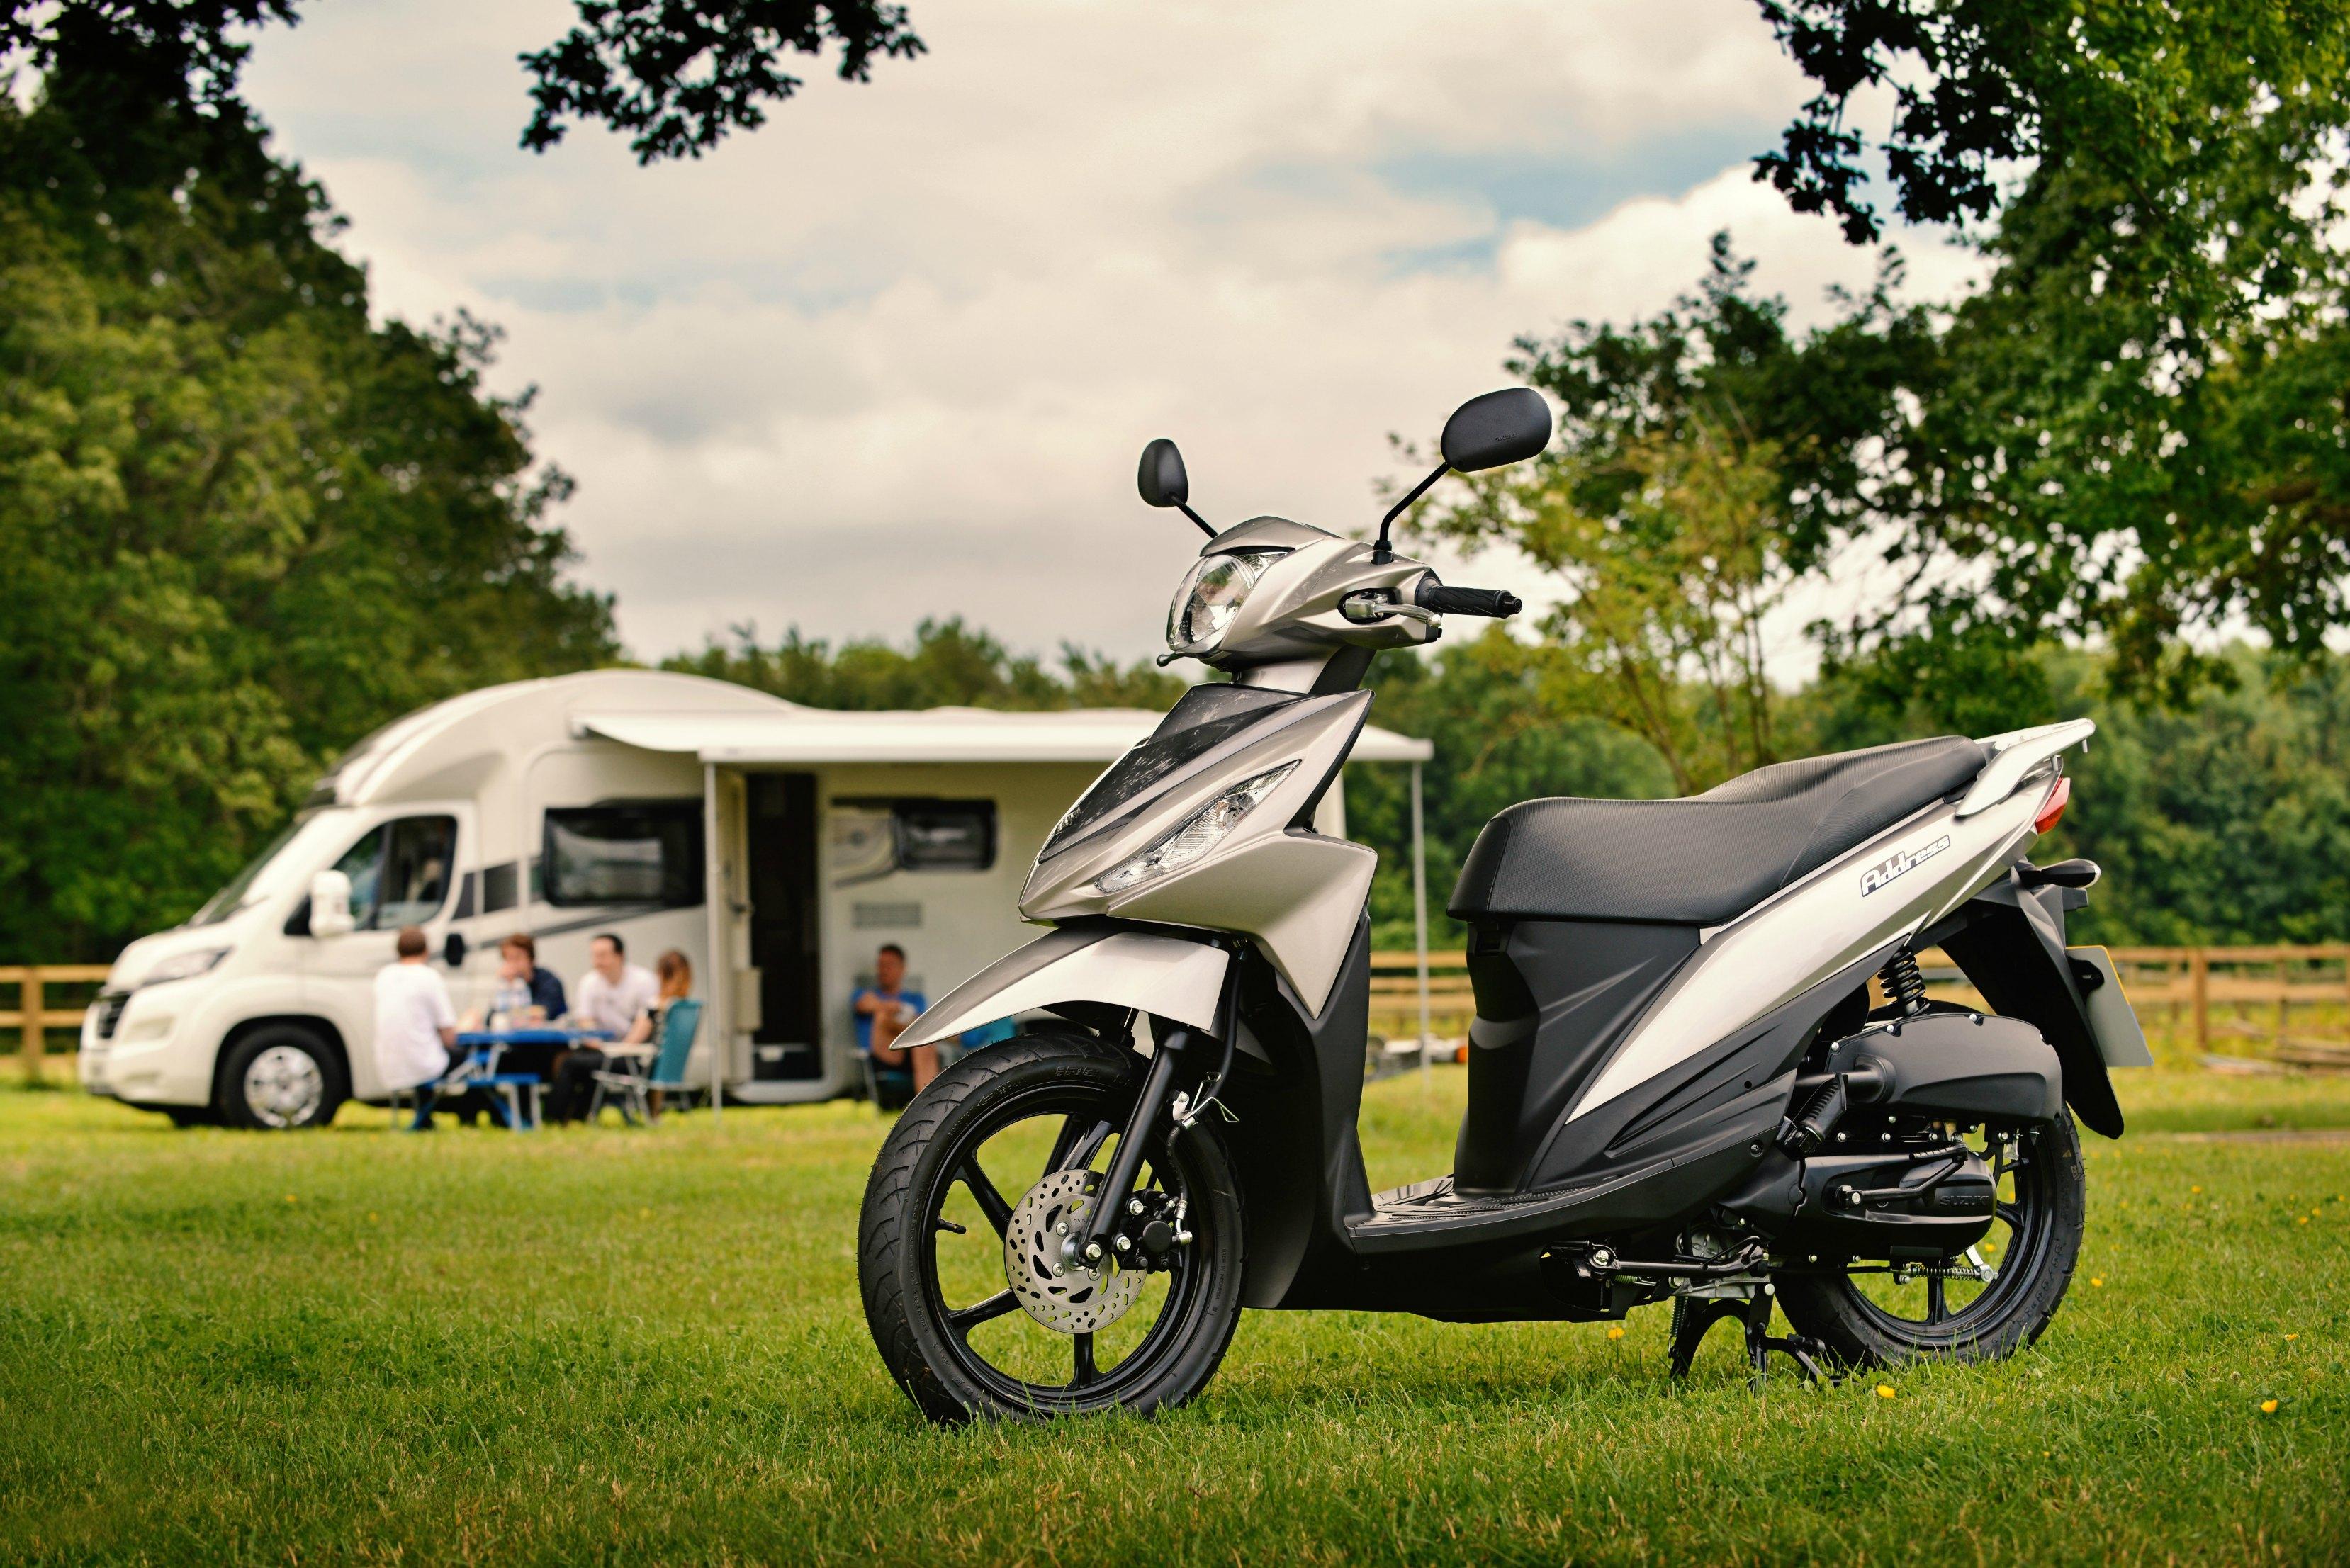 Suzuki Address 110 motorhome scooter